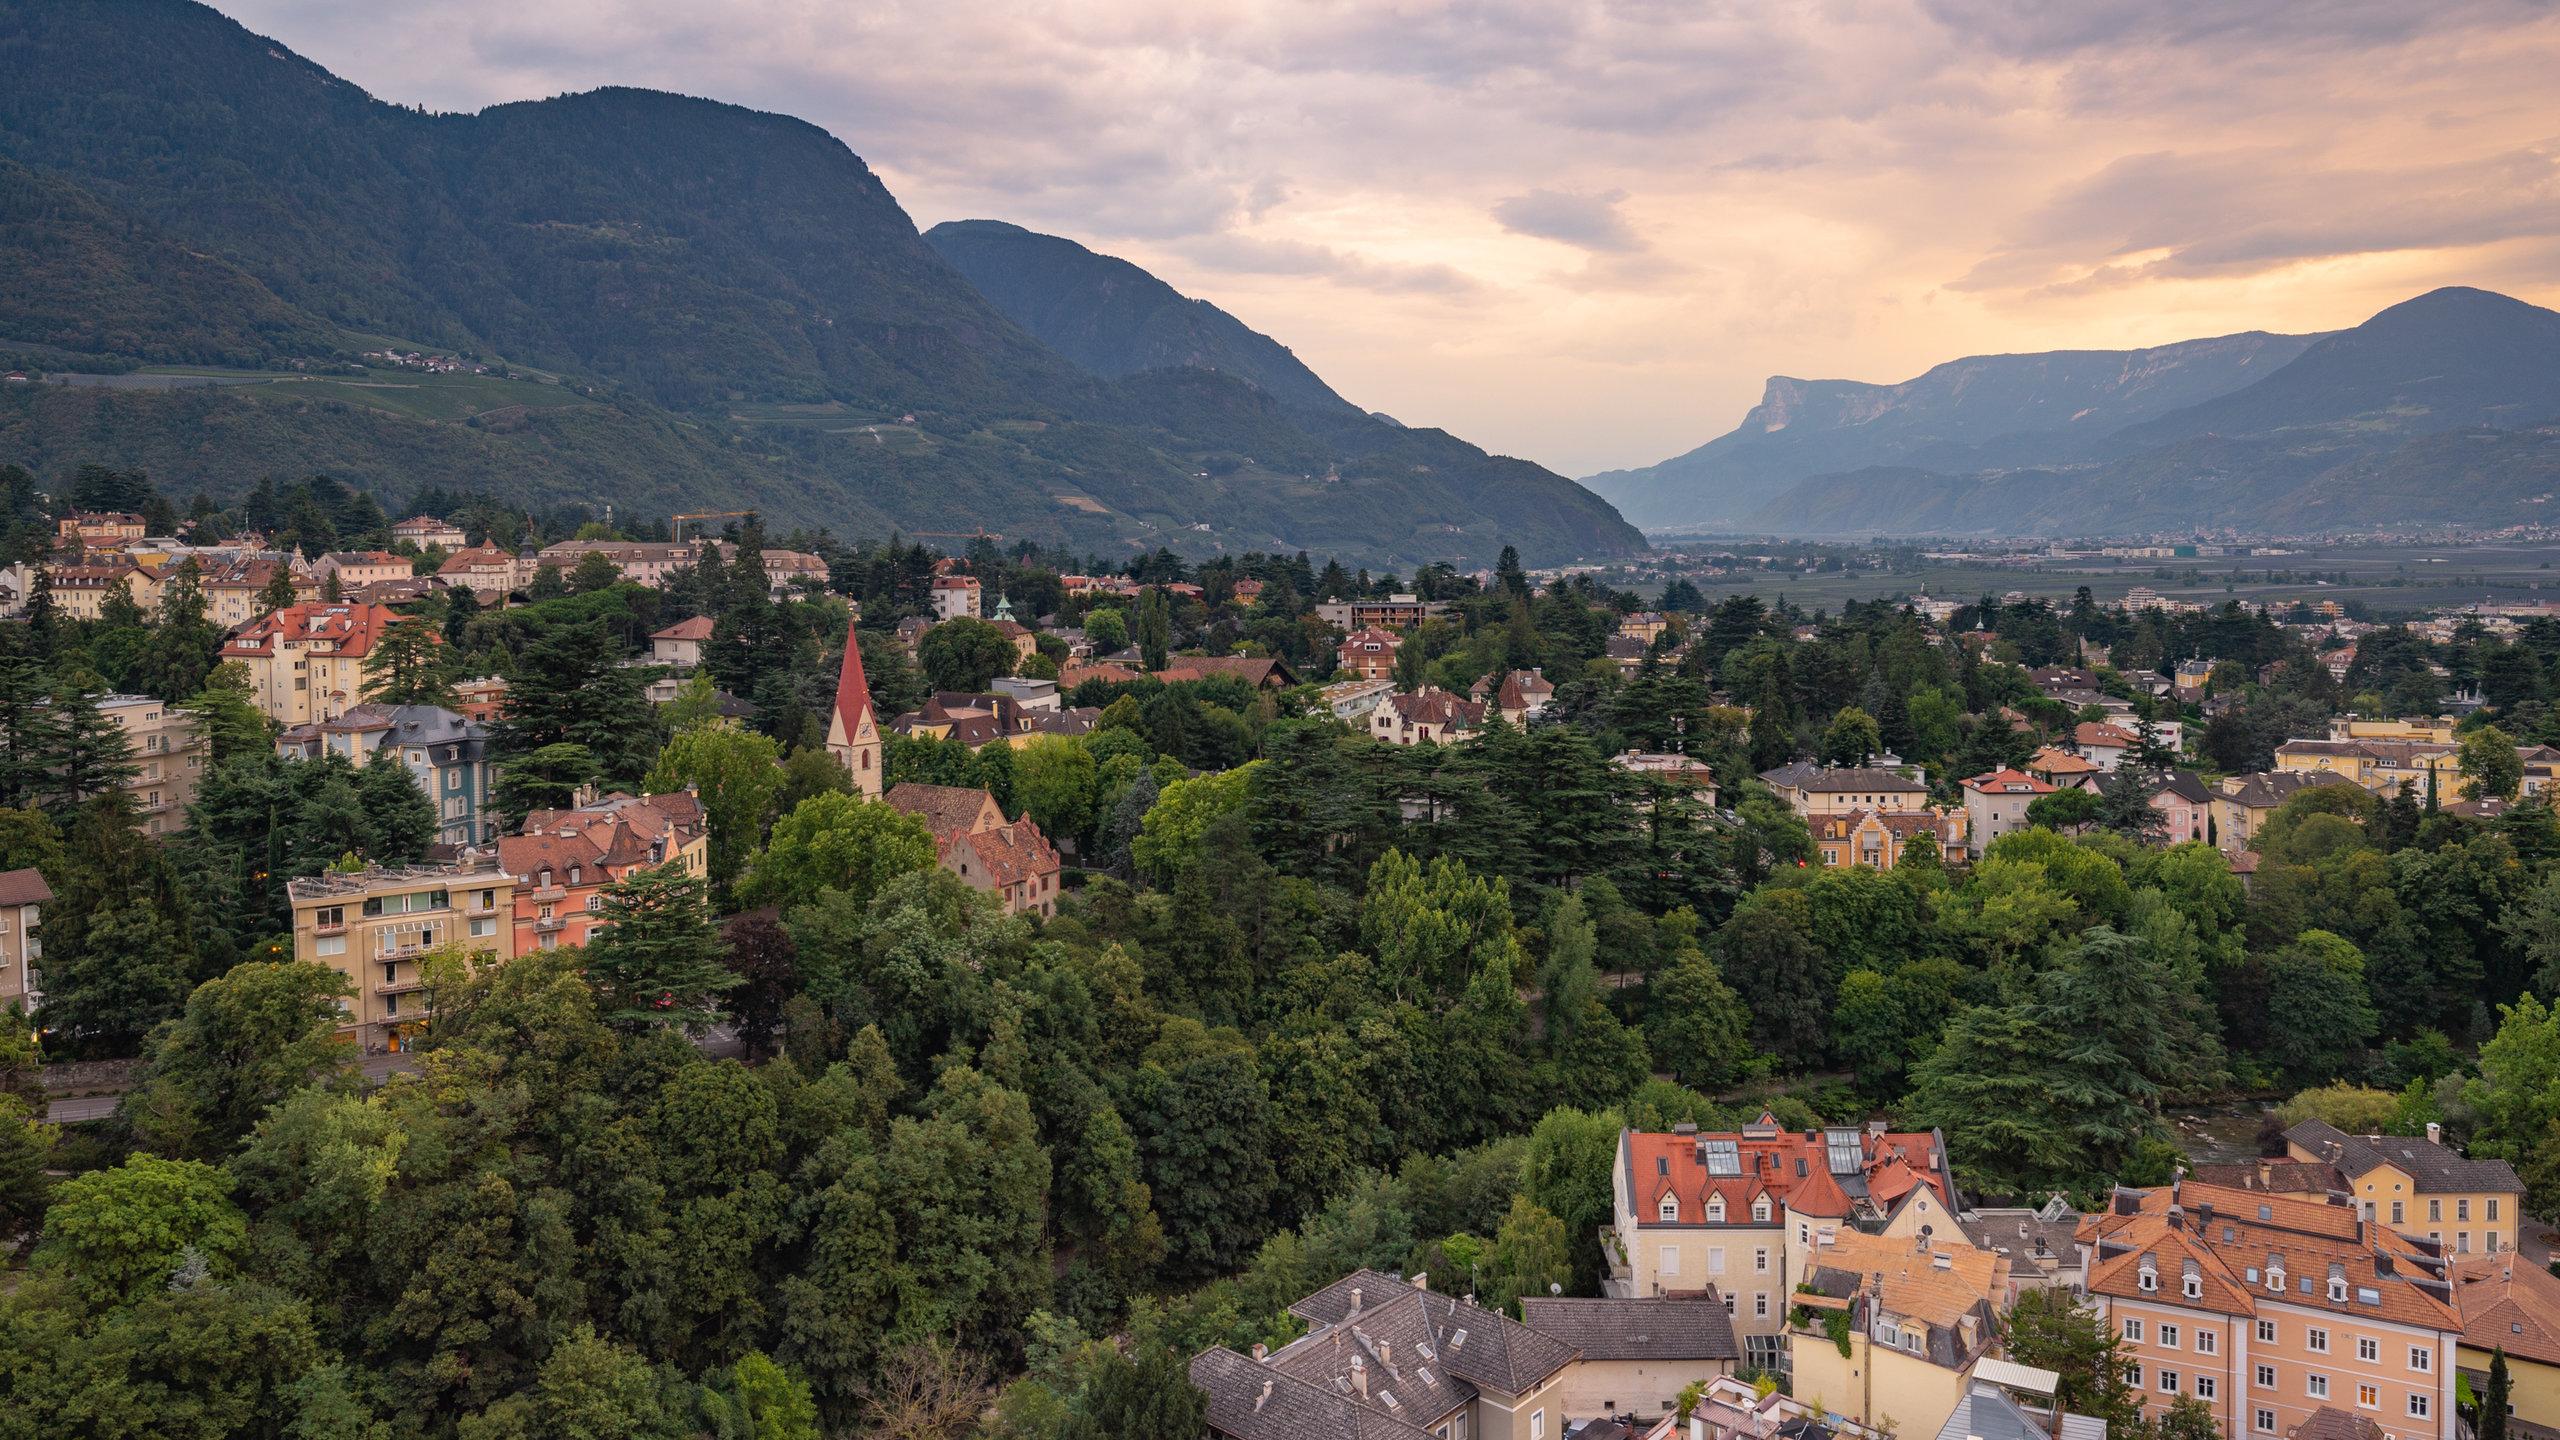 Merano, Trentino-Alto Adige, Italy